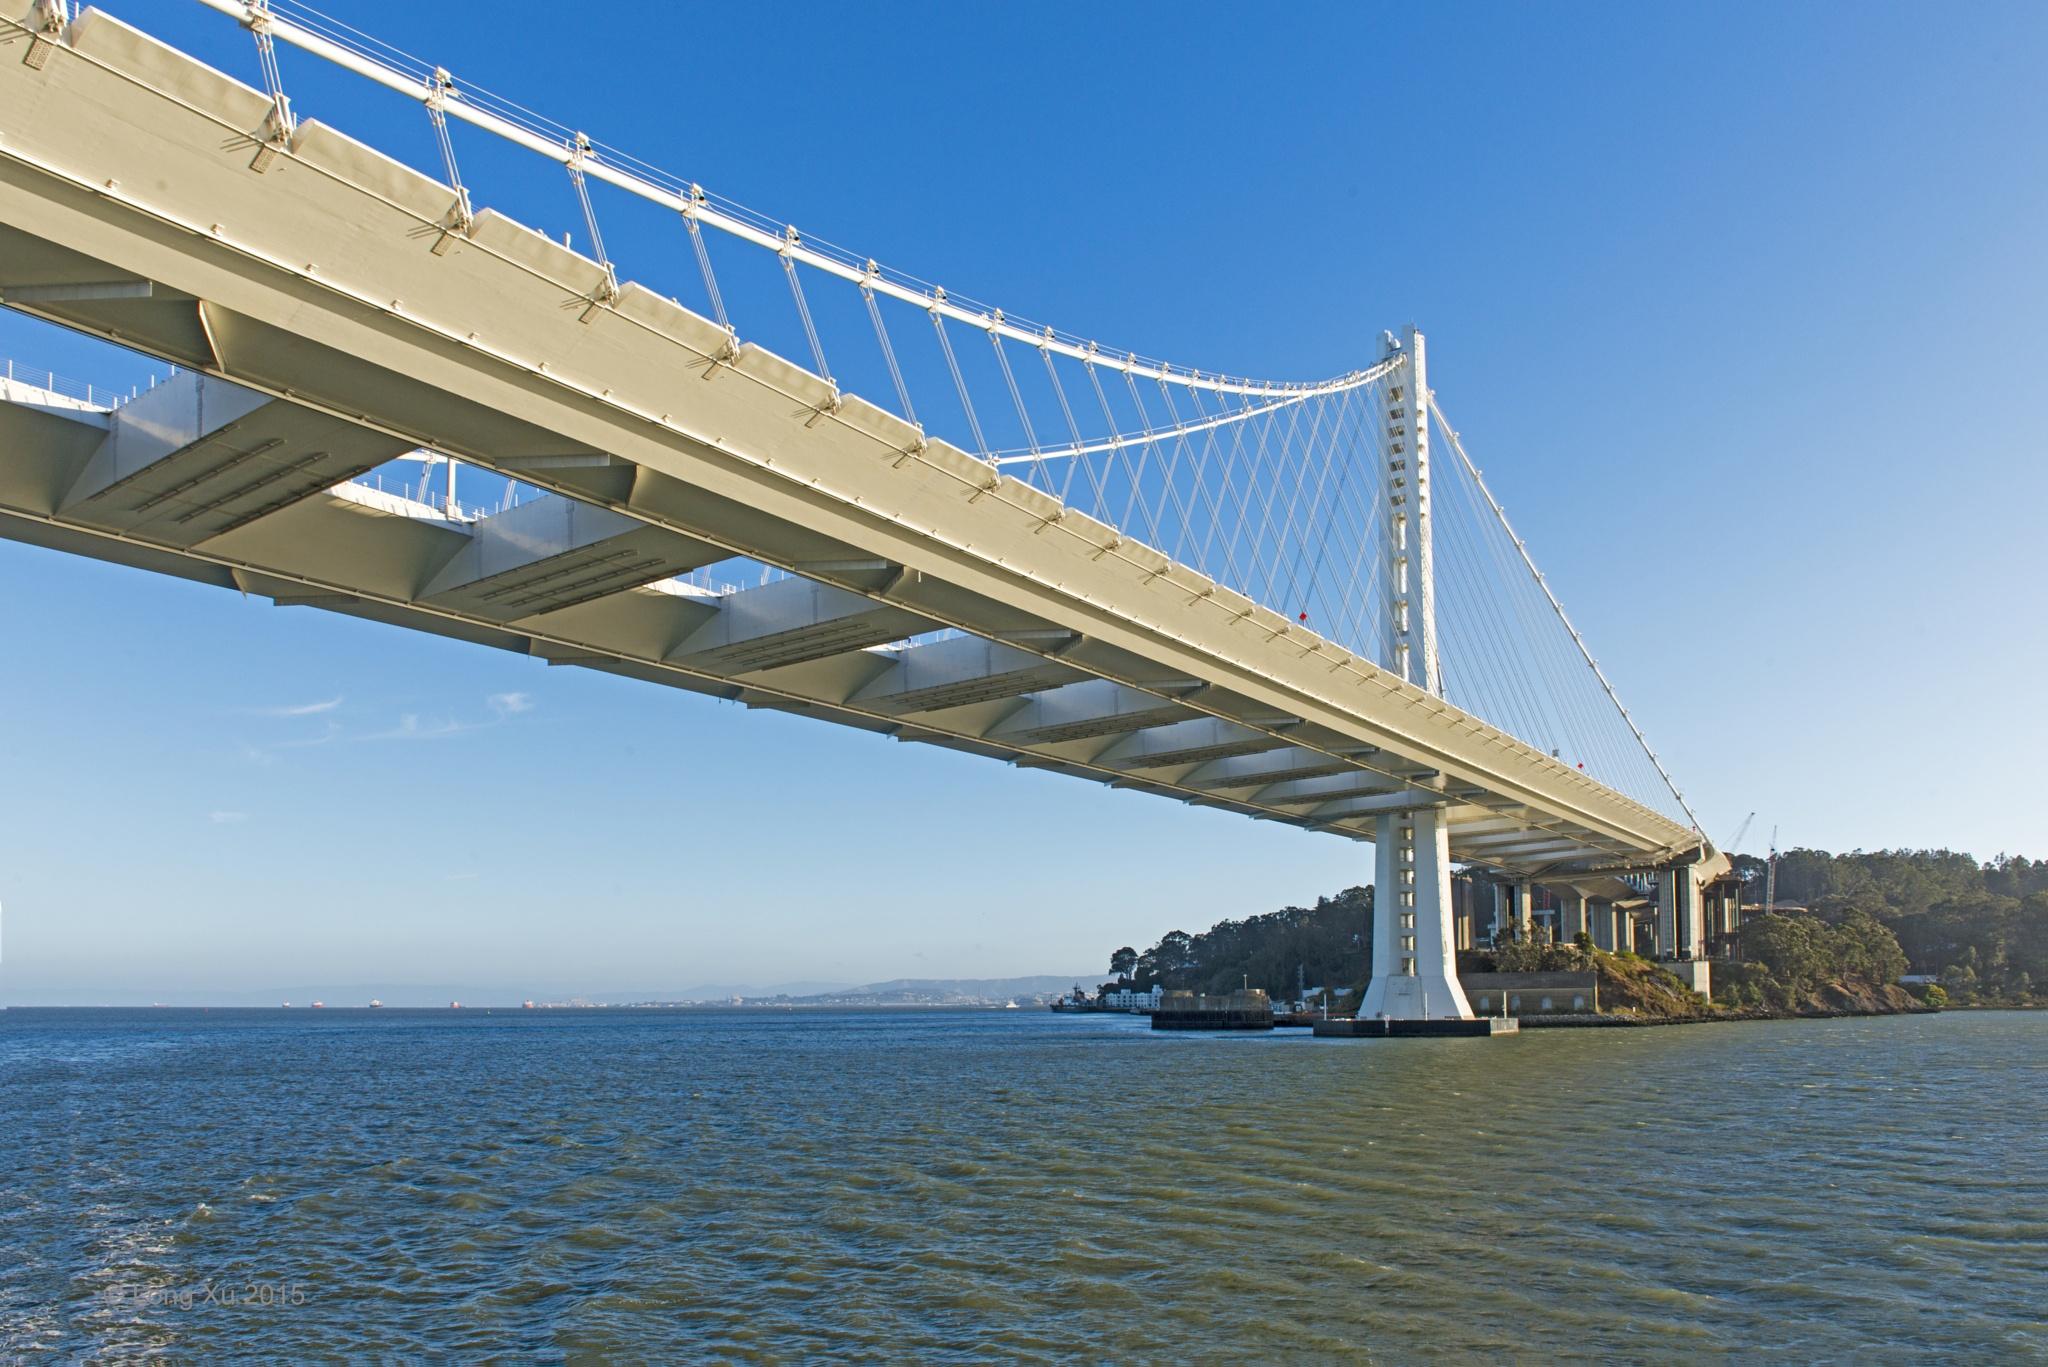 Bay Bridge by Long Xu